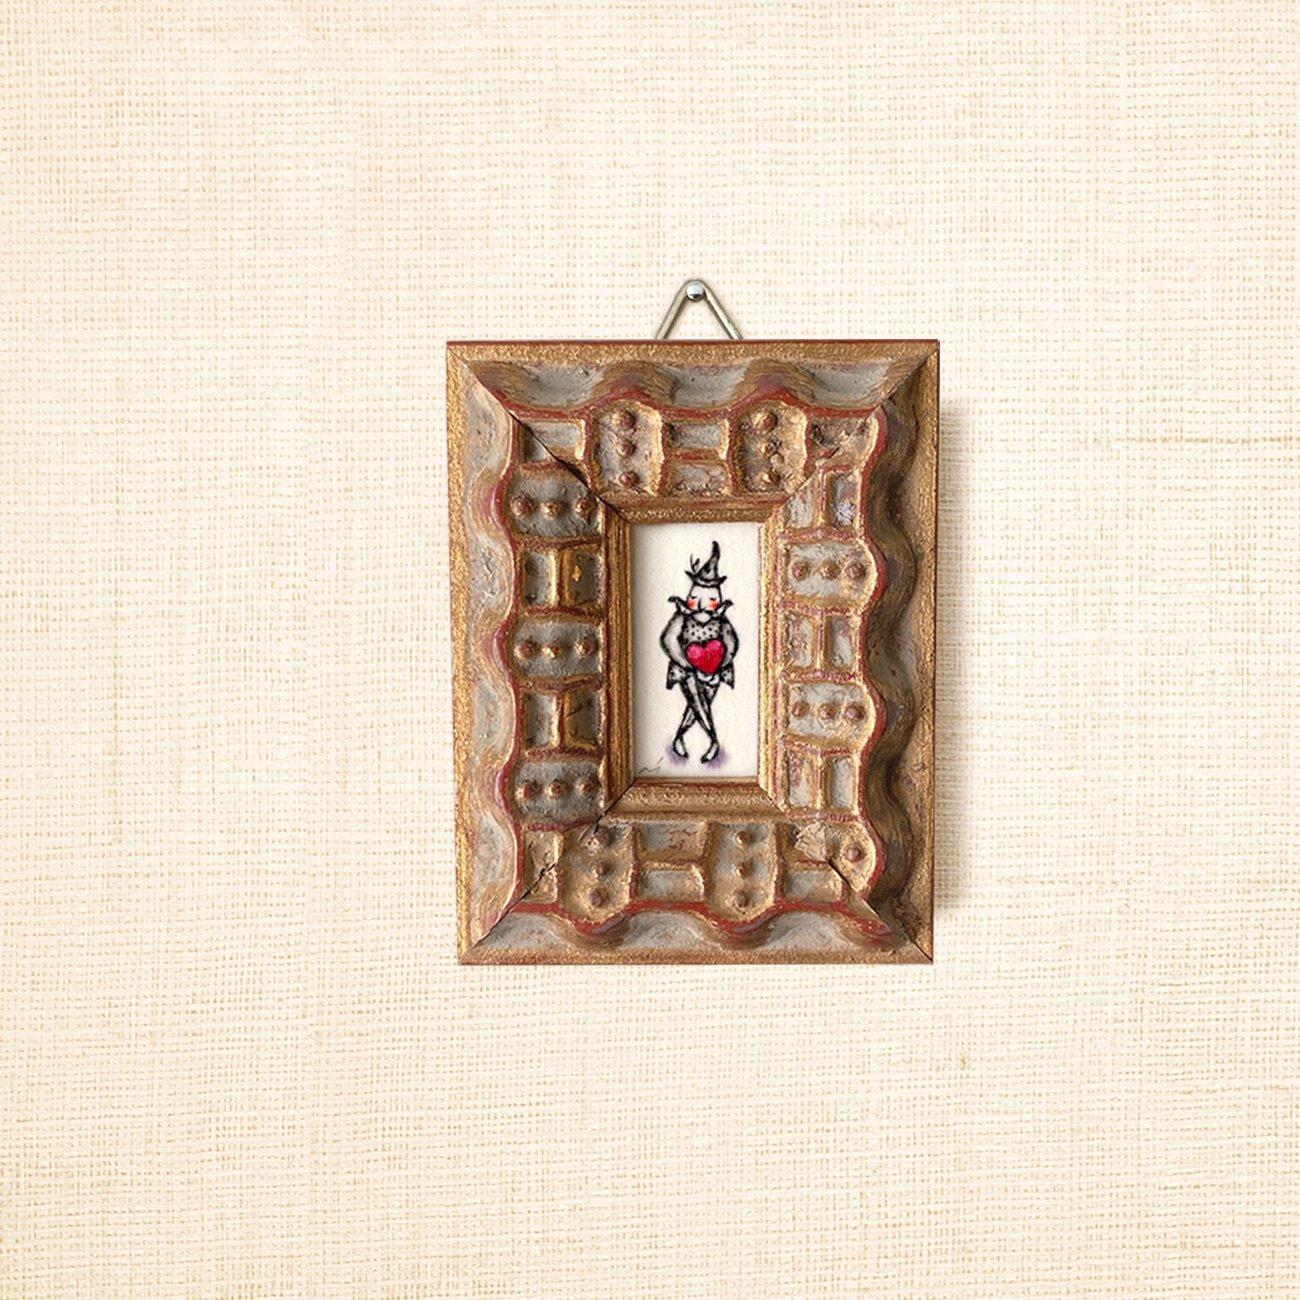 ミニ額縁 原画【 愛の配達人 】mini size frame